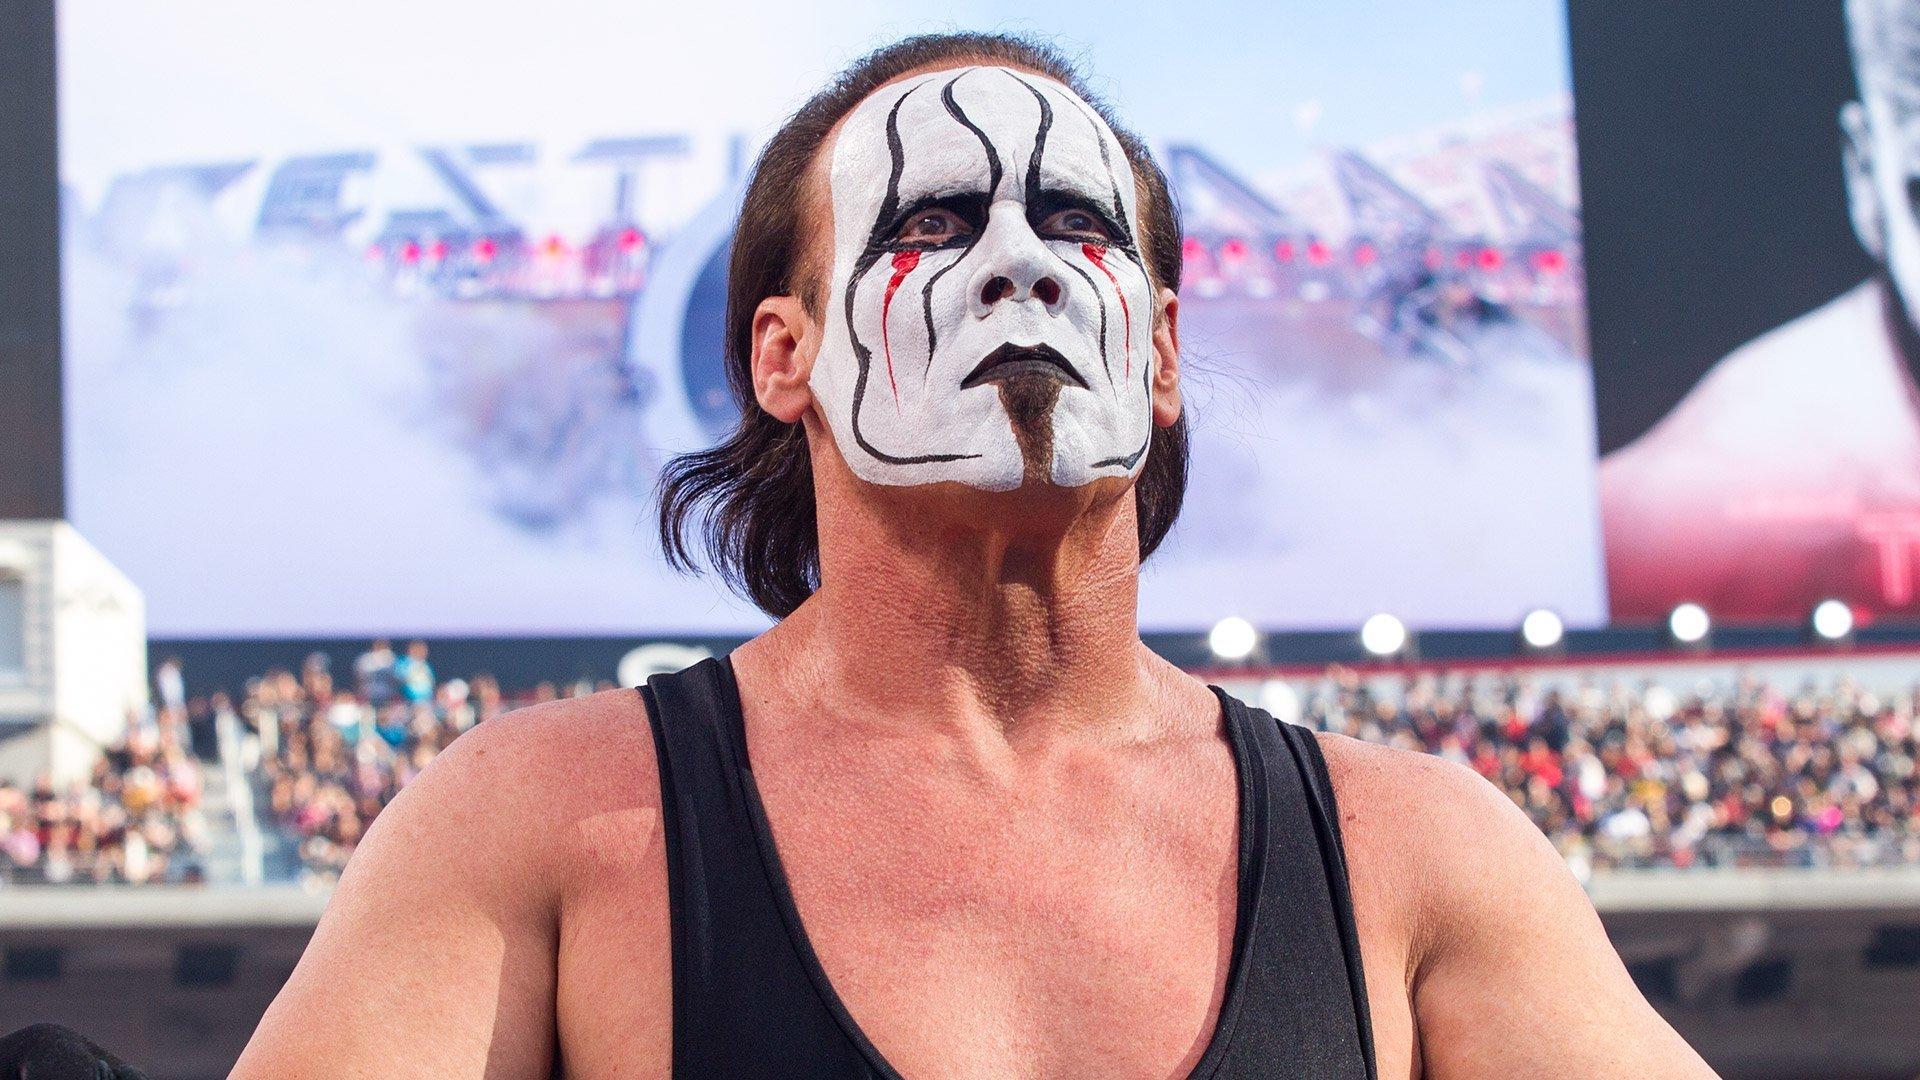 5 Superestrellas que hicieron su debut en WrestleMania: WWE List This! (ESPANOL)